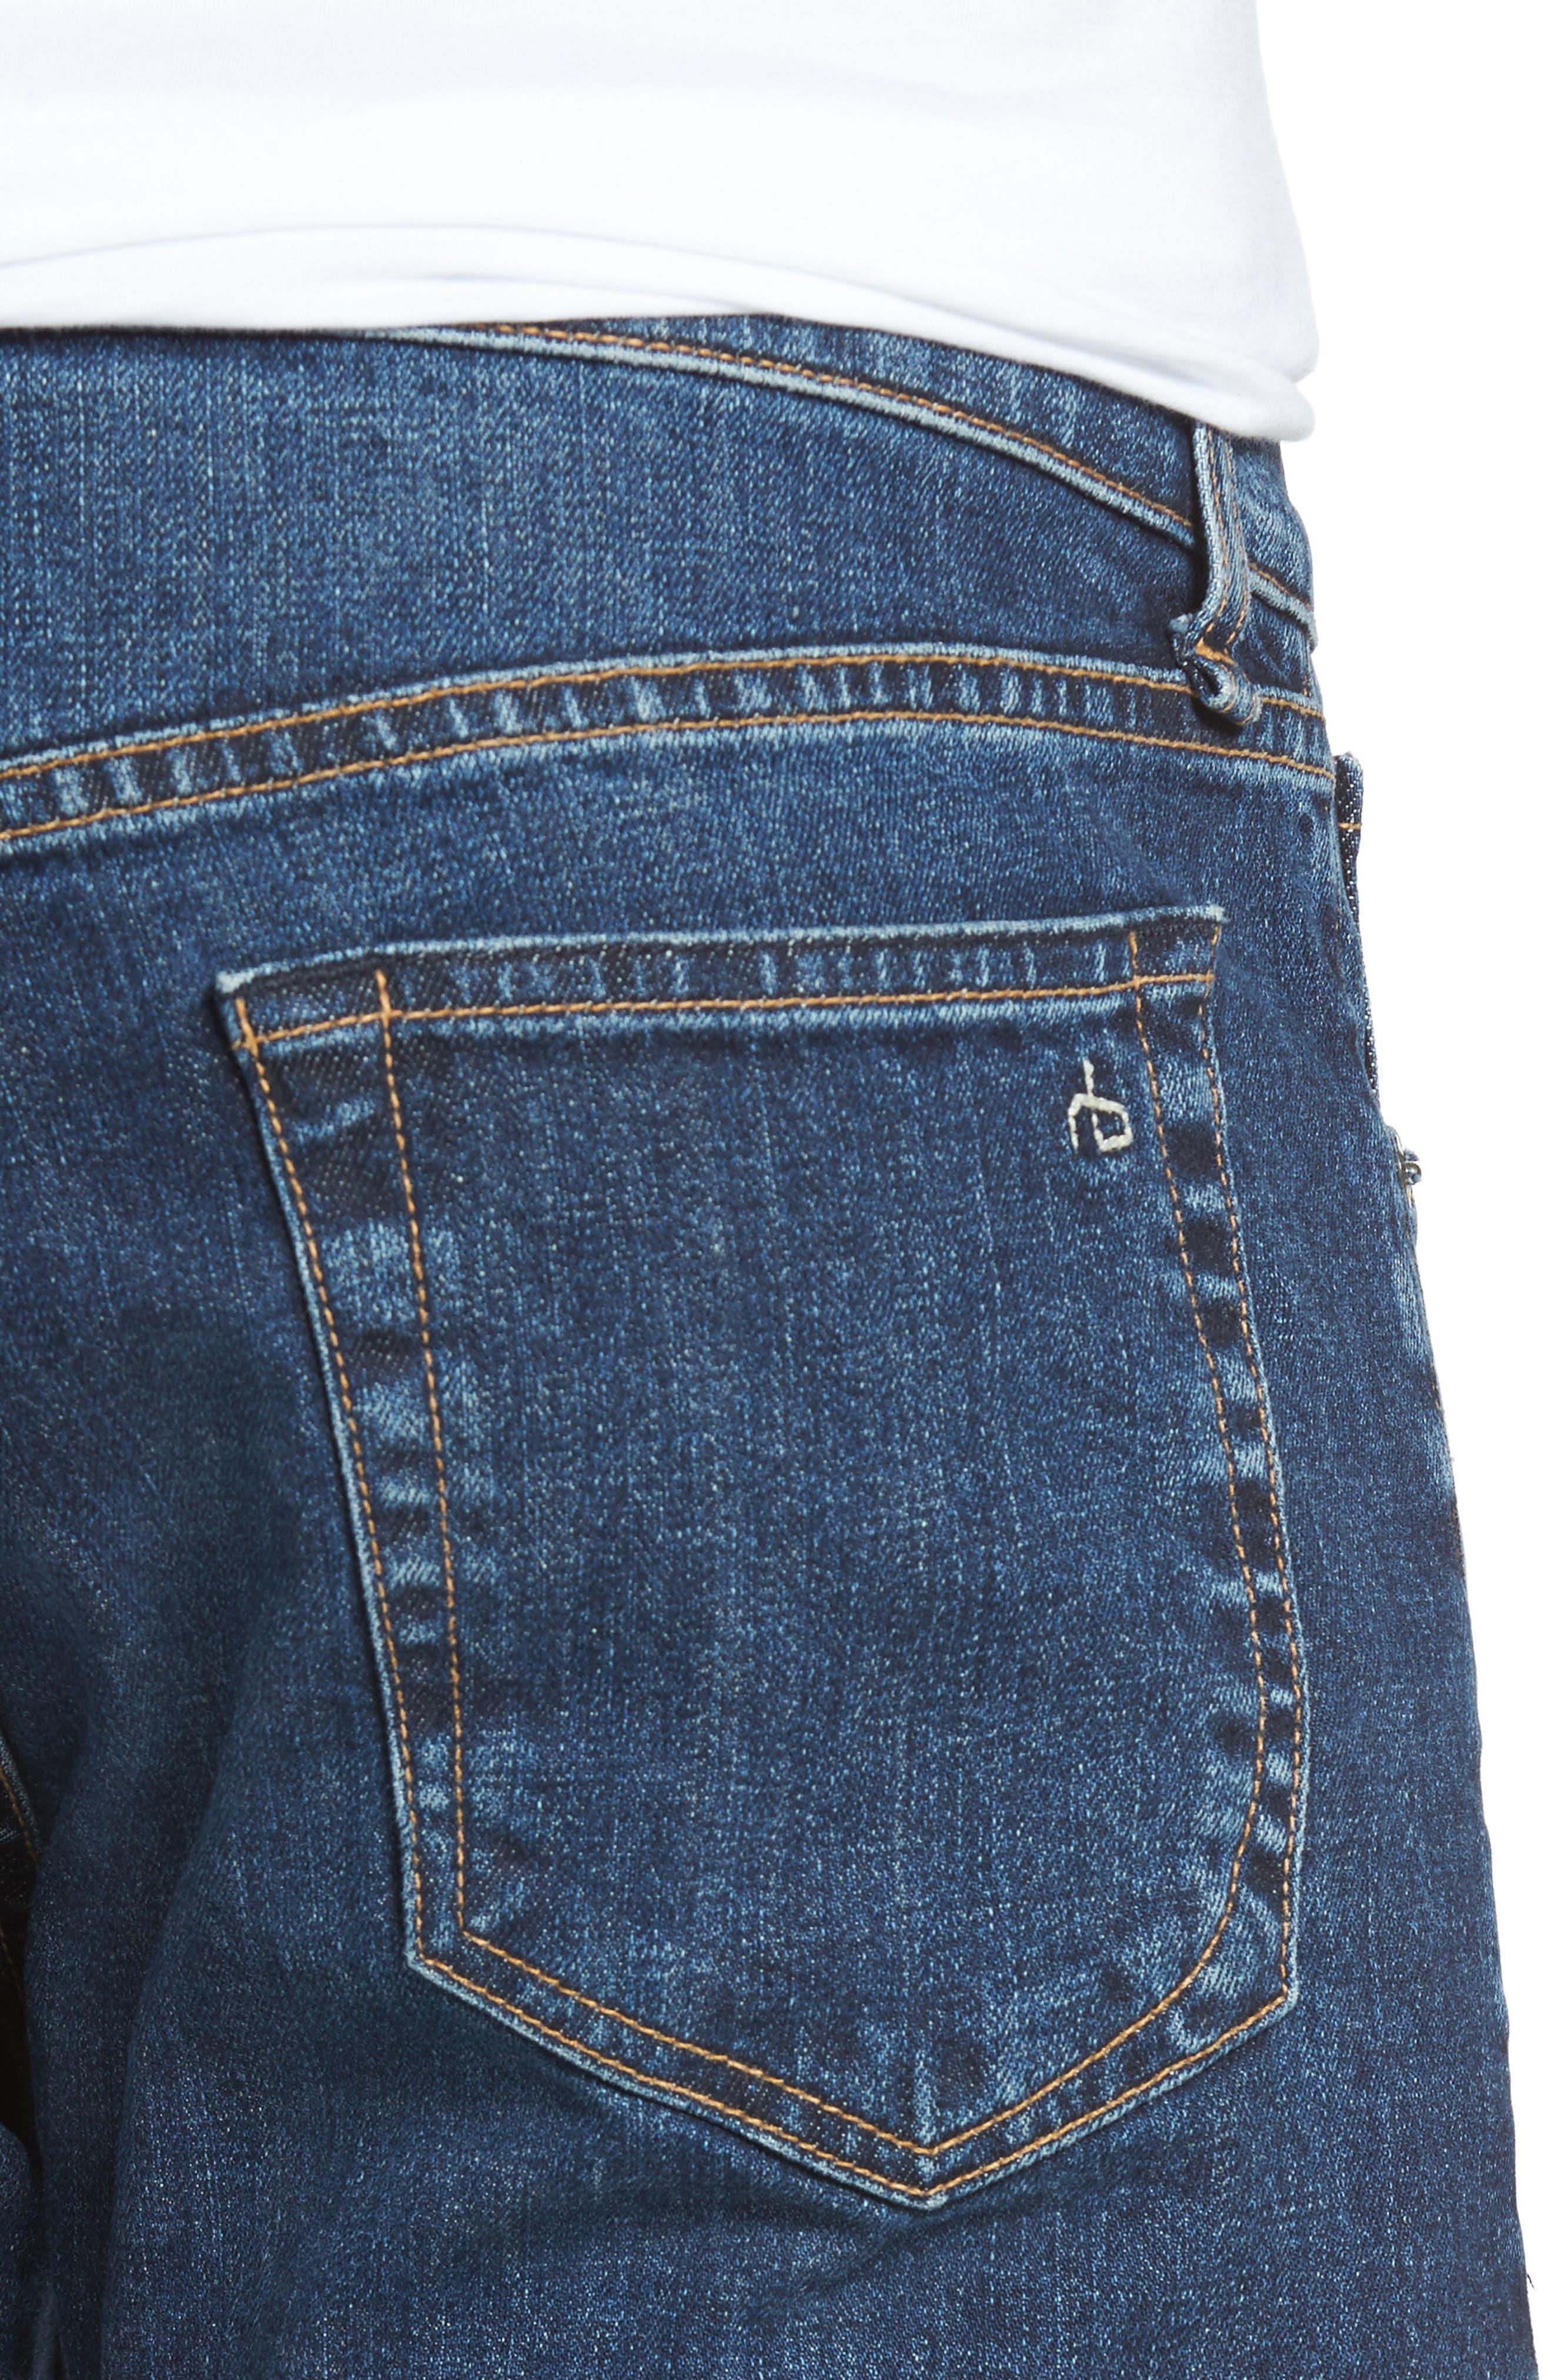 Fit 2 Slim Fit Jeans,                             Alternate thumbnail 4, color,                             Dukes